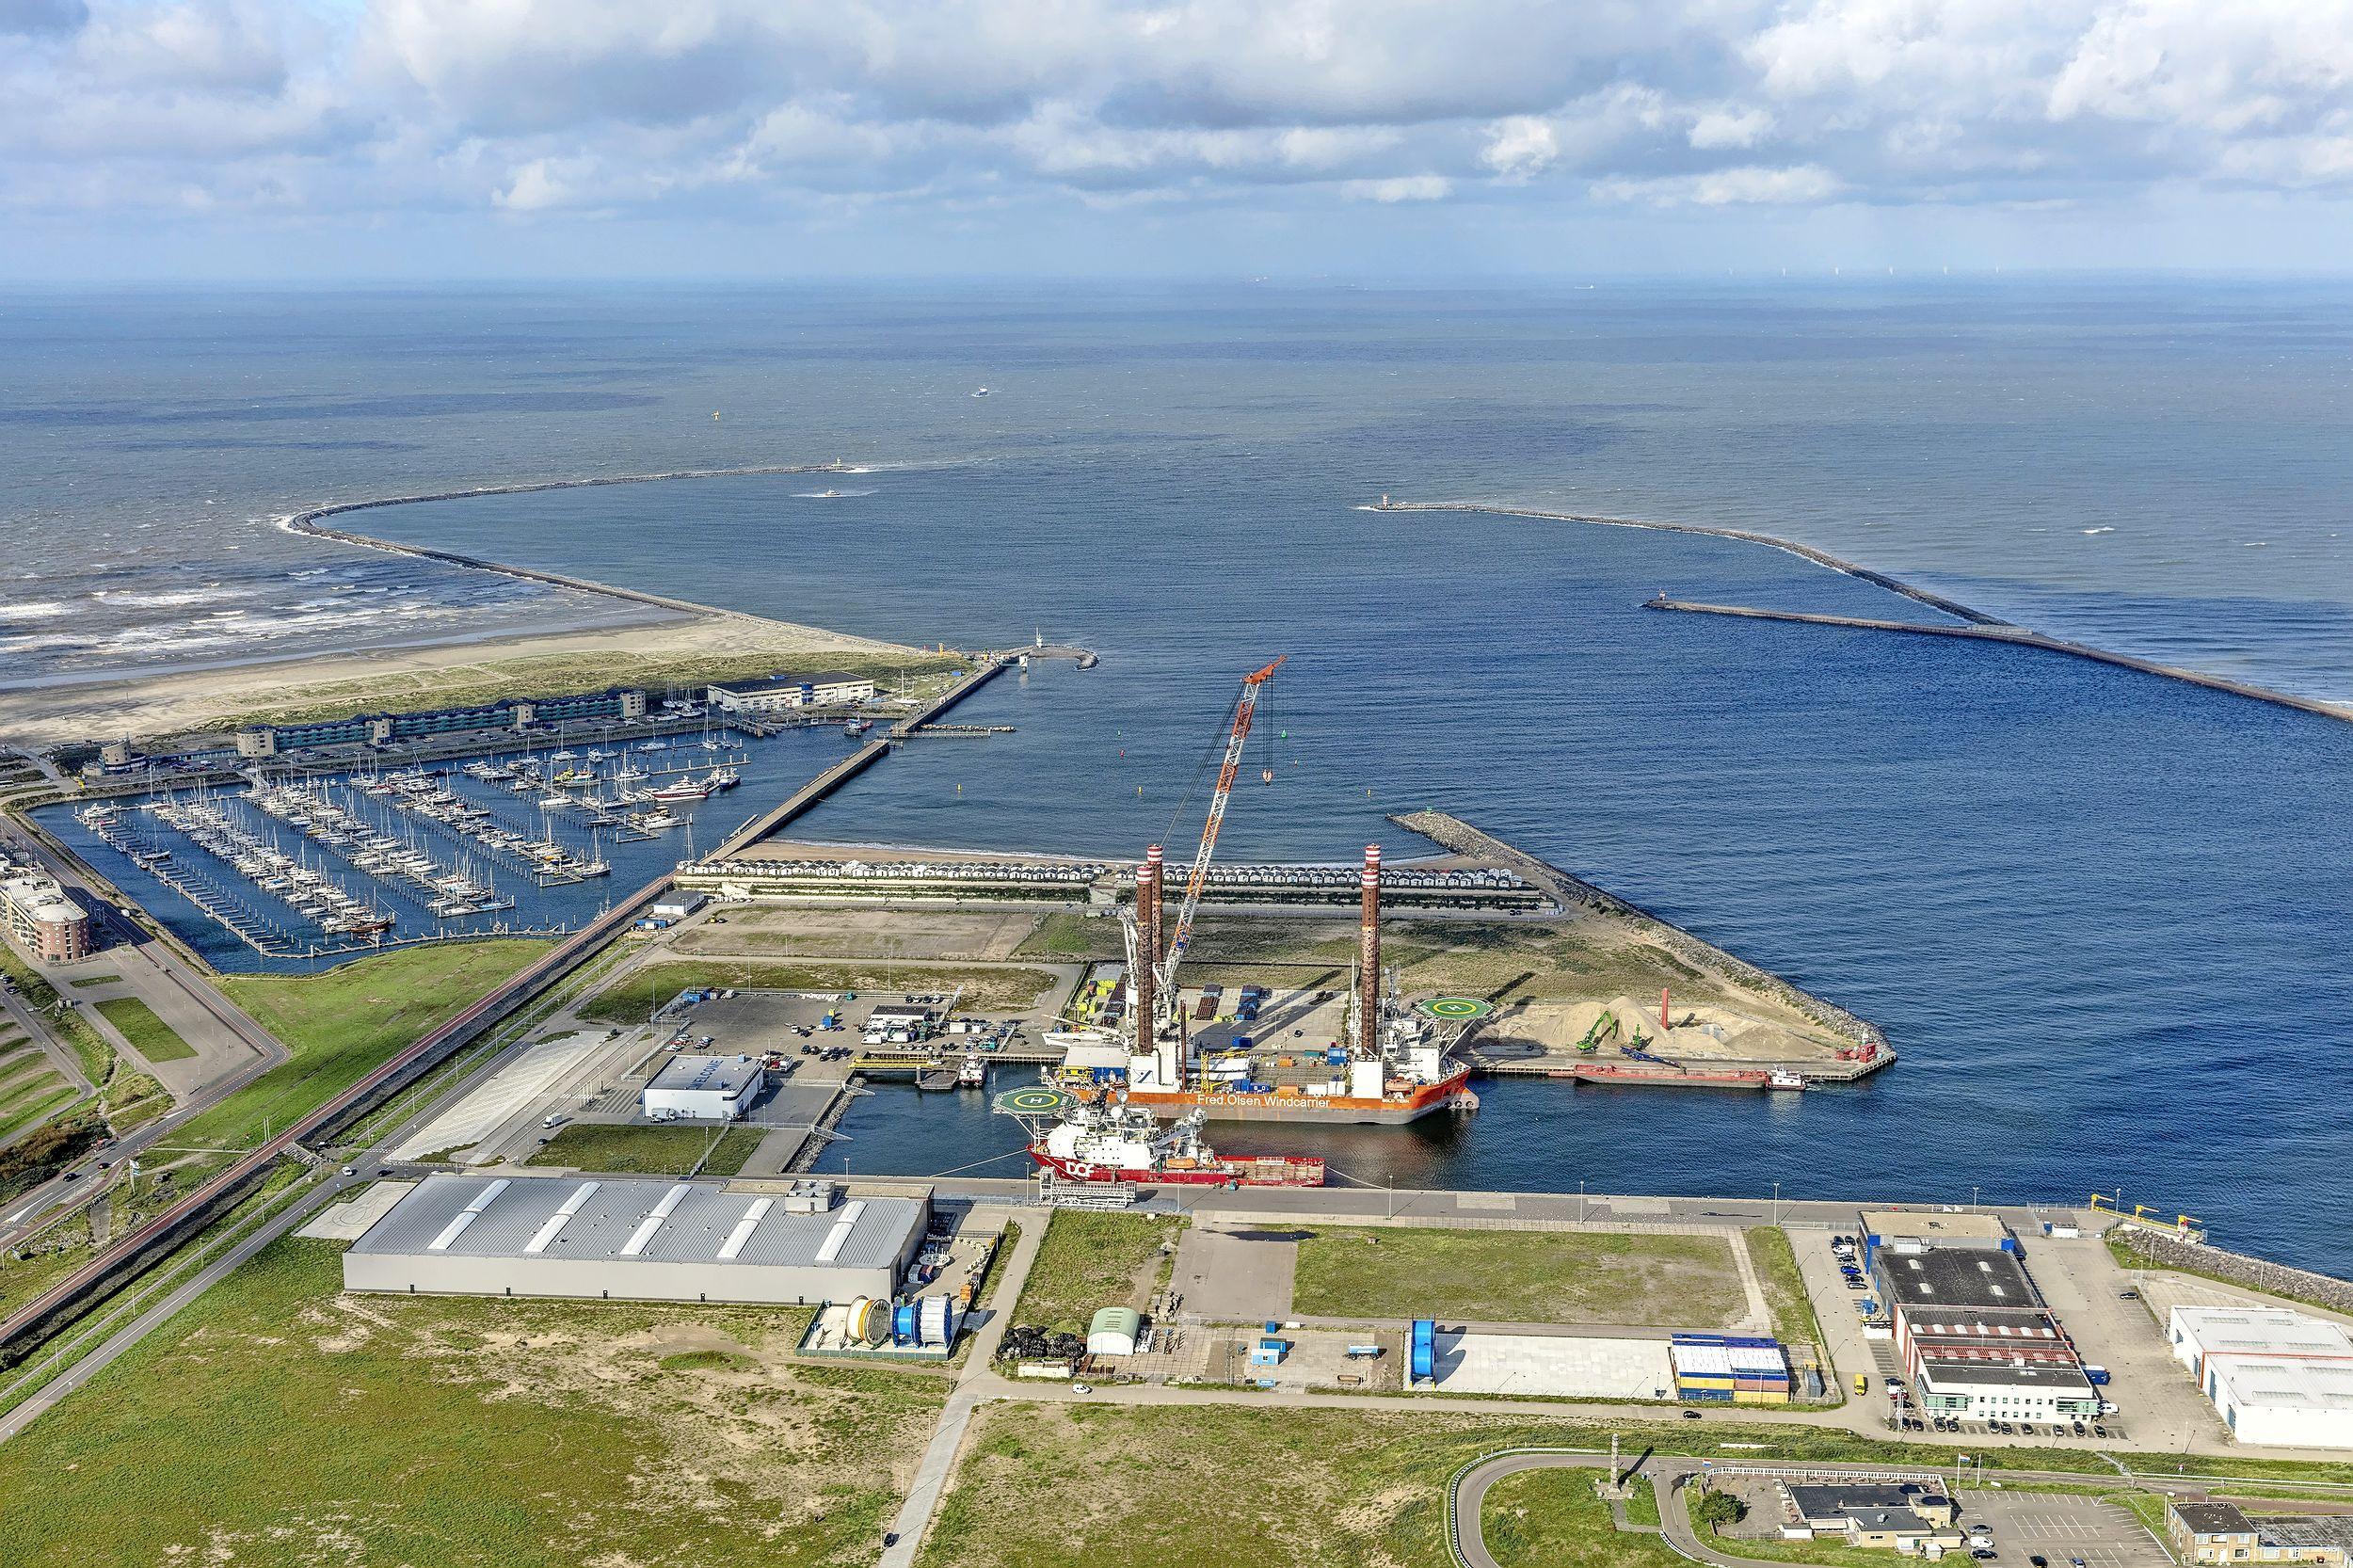 Grotere rol IJmondhaven in IJmuiden bij aanleg windpark Hollandse Kust Zuid, DHSS-terminal aan Monnickendamkade wordt uitvalsbasis